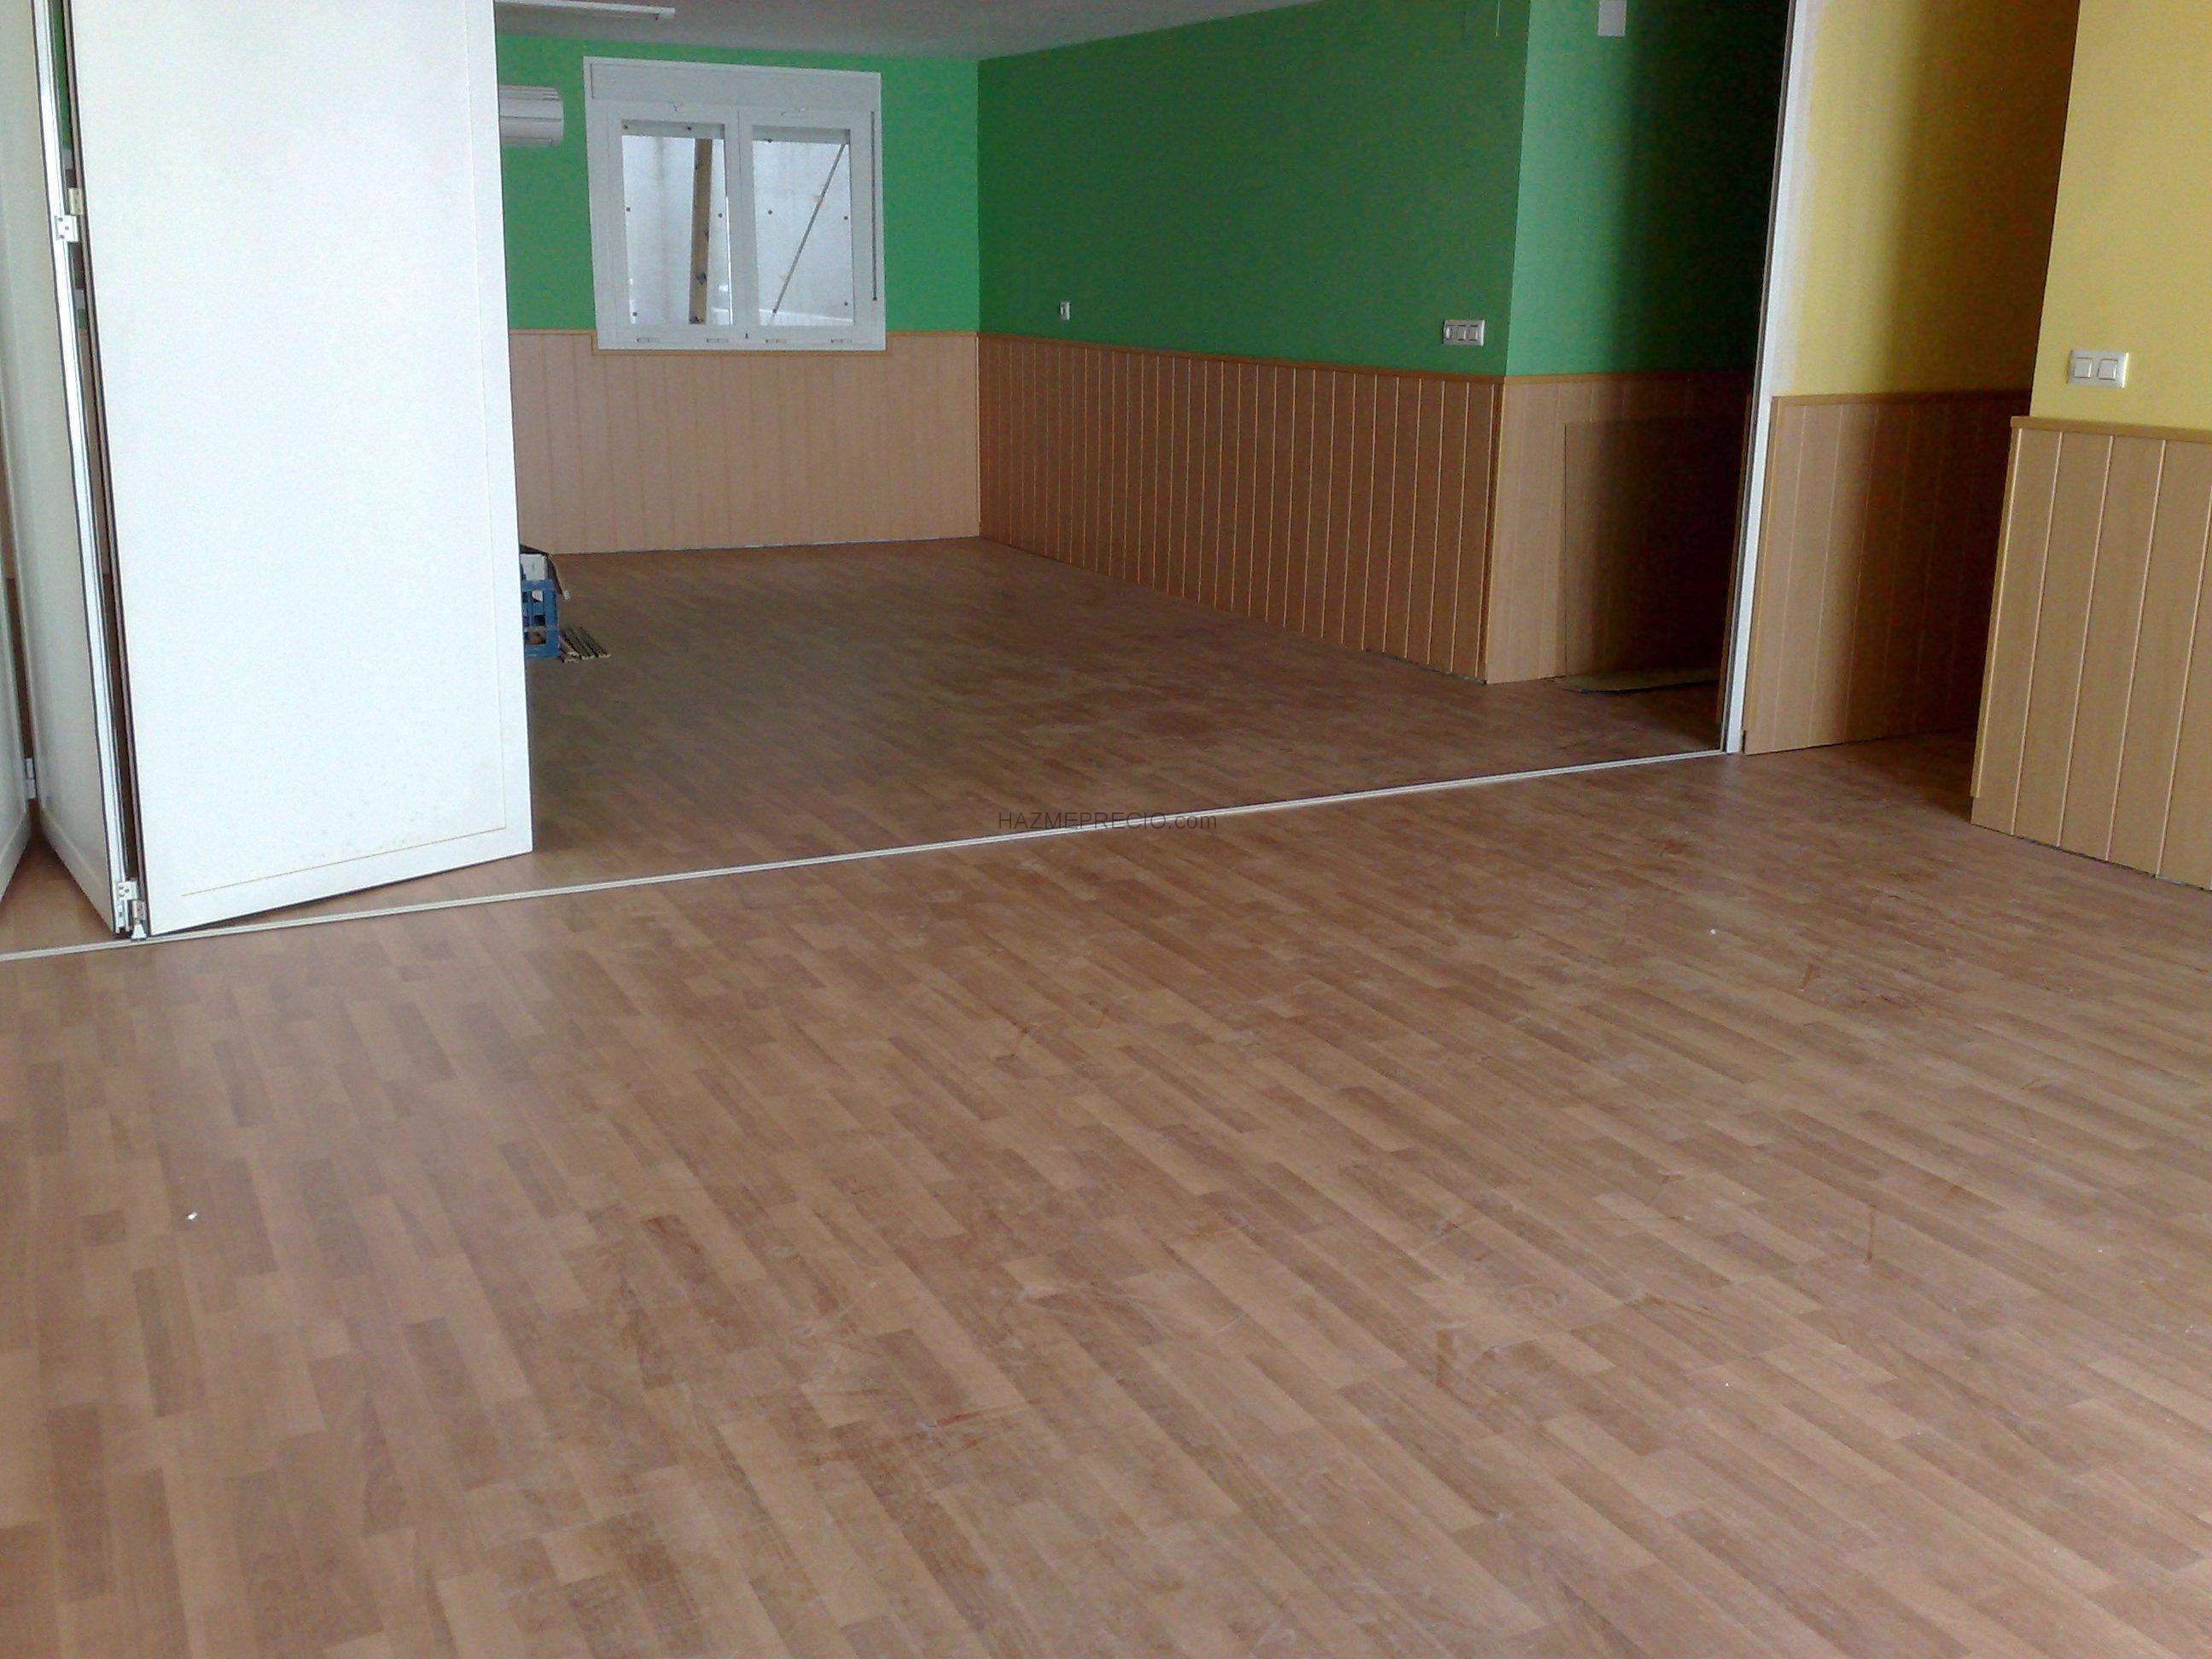 Presupuesto para poner suelo laminado en una habitaci n - Presupuesto suelo laminado ...